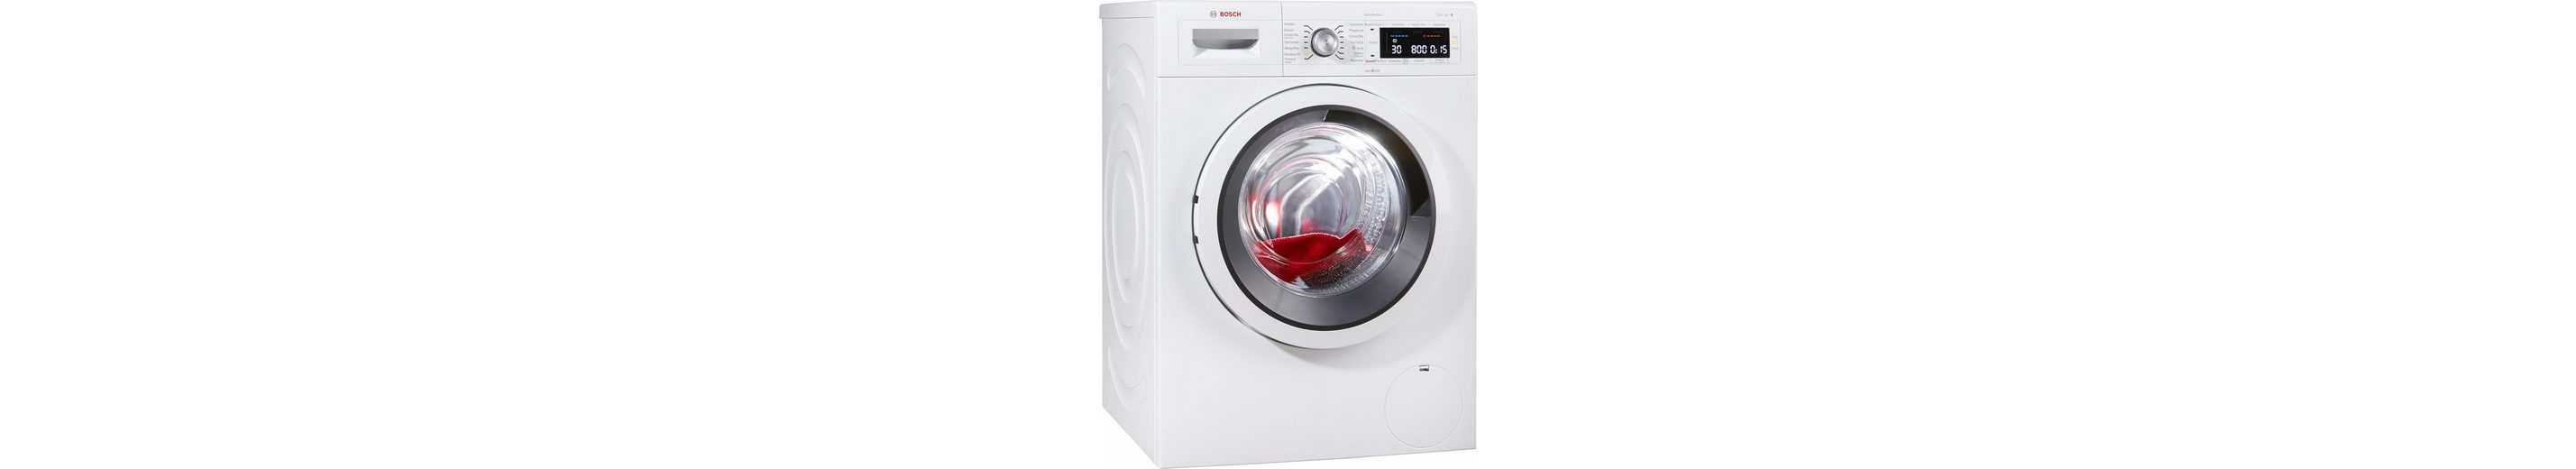 BOSCH Waschmaschine WAW285V1, A+++, 9 kg, 1400 U/Min